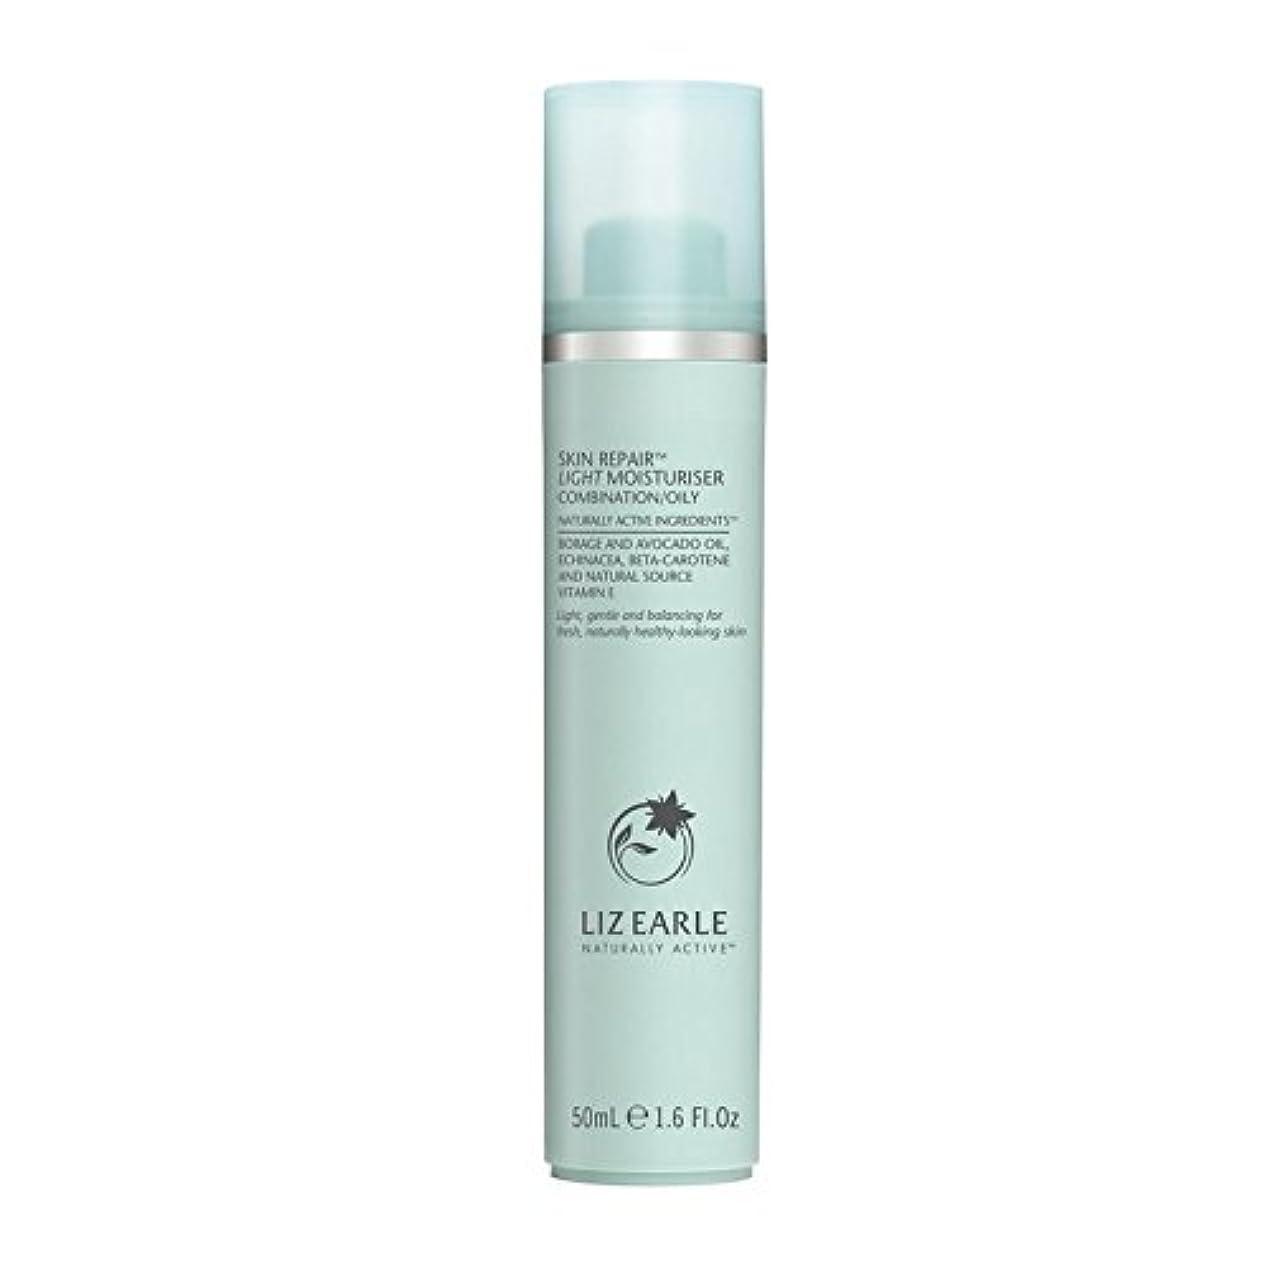 平らにする期限排気リズアールスキンリペア光の保湿剤の組み合わせ/油性50ミリリットル x2 - Liz Earle Skin Repair Light Moisturiser Combination/Oily 50ml (Pack of...